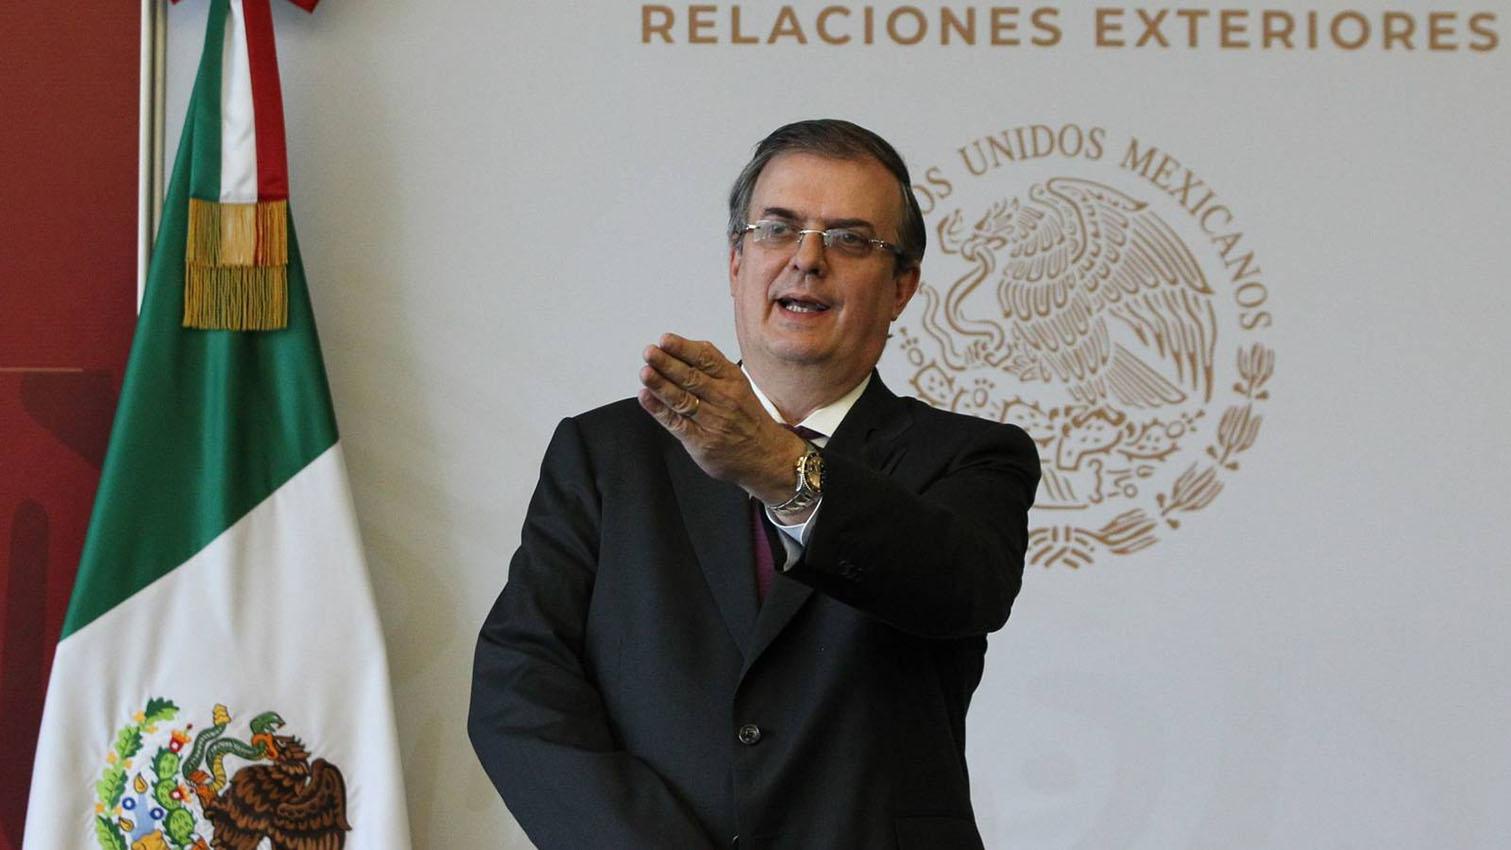 México teme que autor de tiroteo en El Paso pertenezca a supremacistas